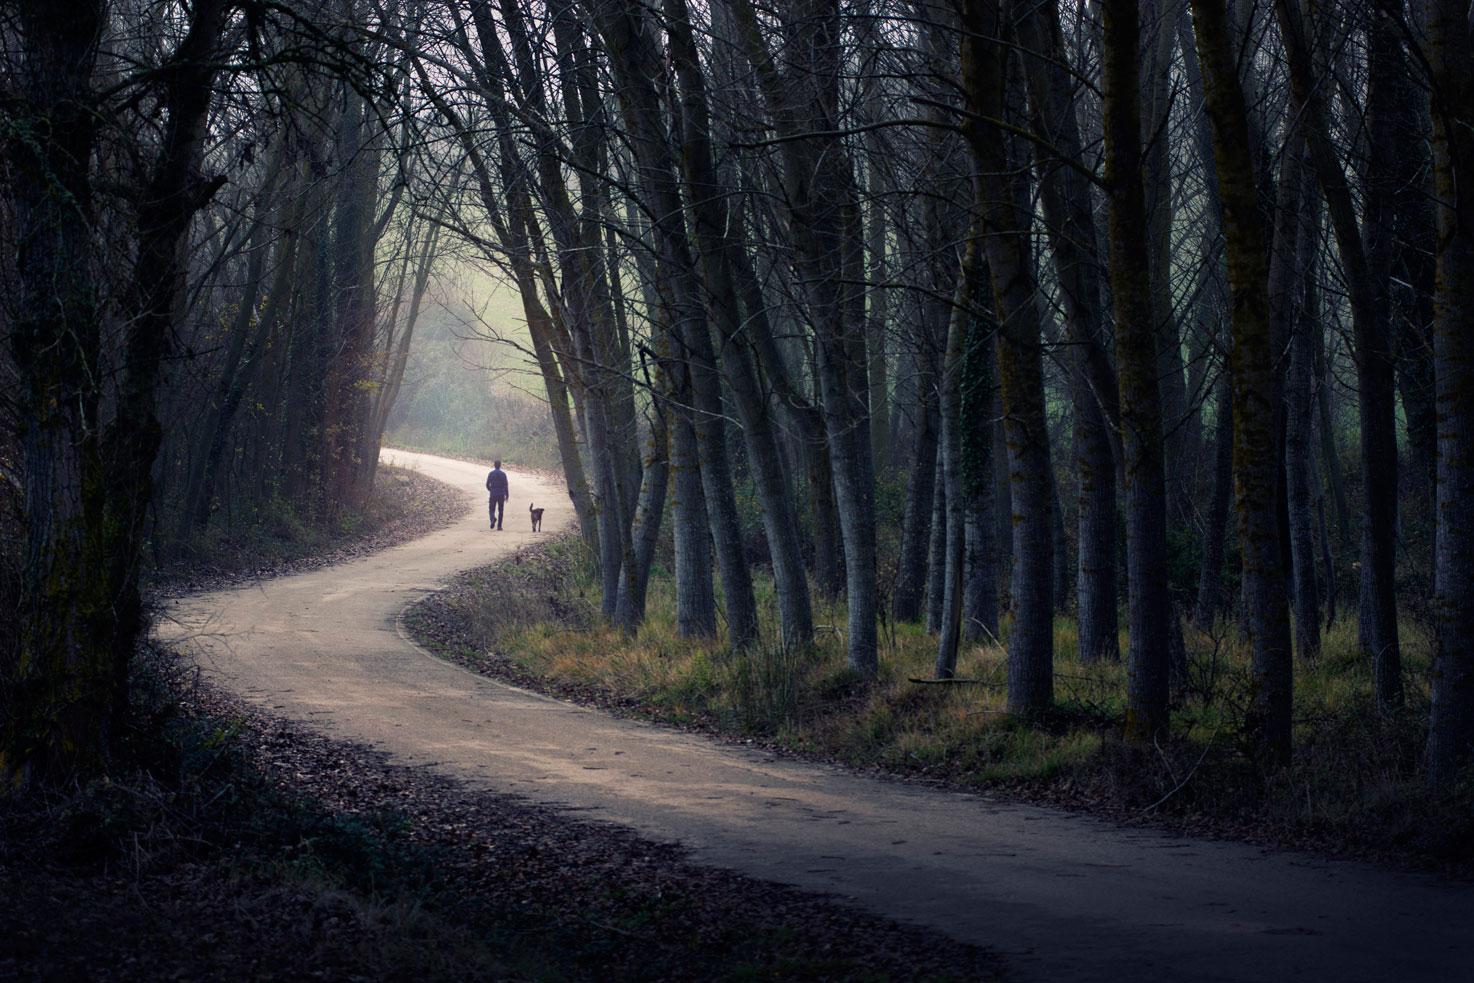 Sigue tu camino - Archivo - Iñaki Larrea, Fotografía de naturaleza y montaña